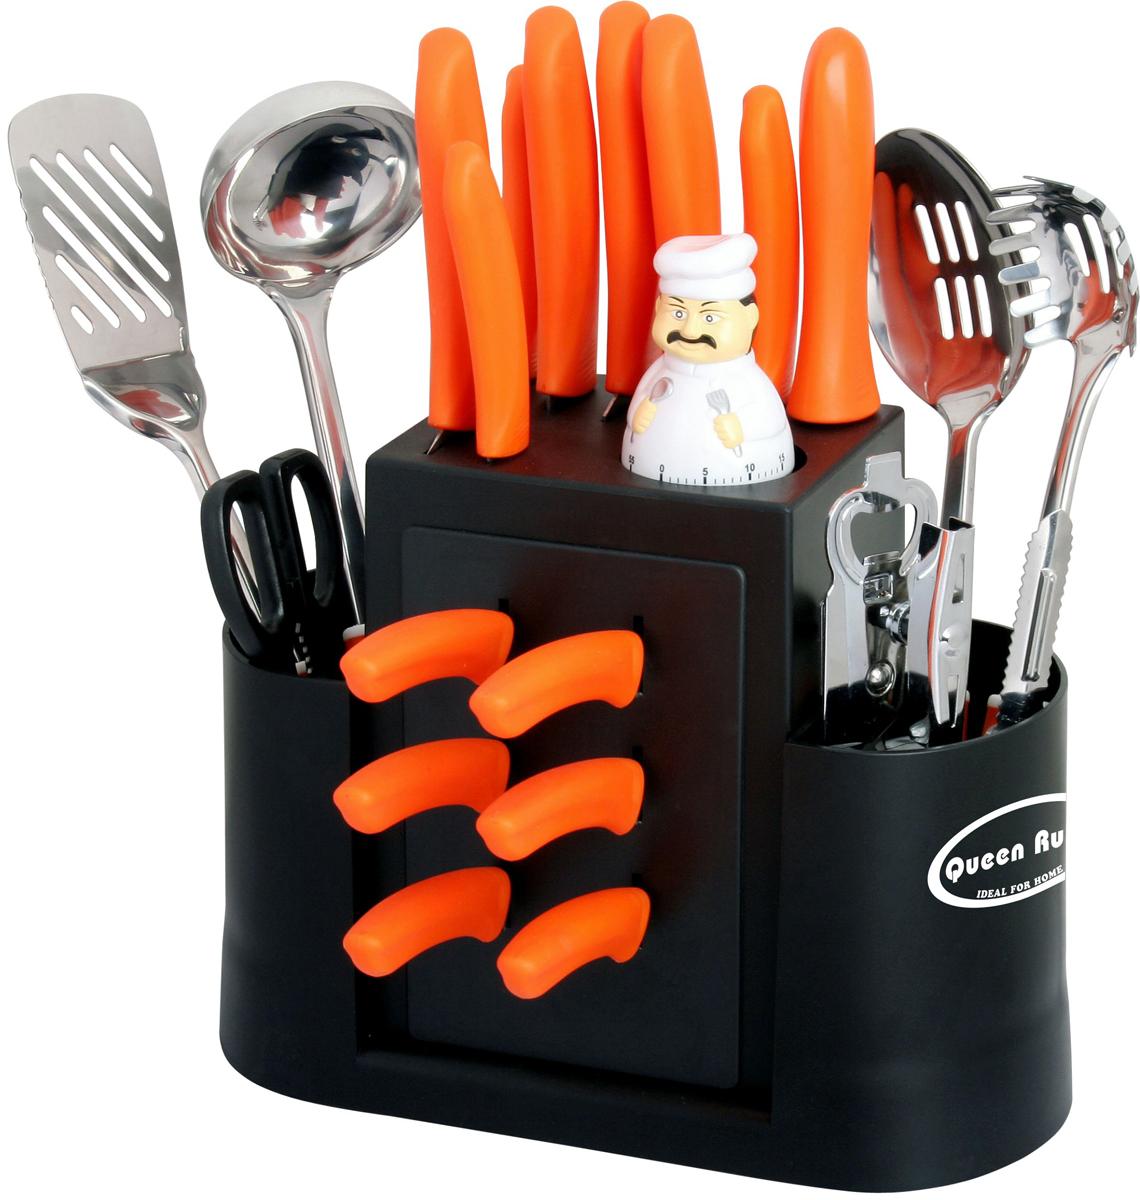 """Набор кухонных принадлежностей """"Queen Ruby"""", цвет: серебристый, черный, оранжевый, 23 предмета"""